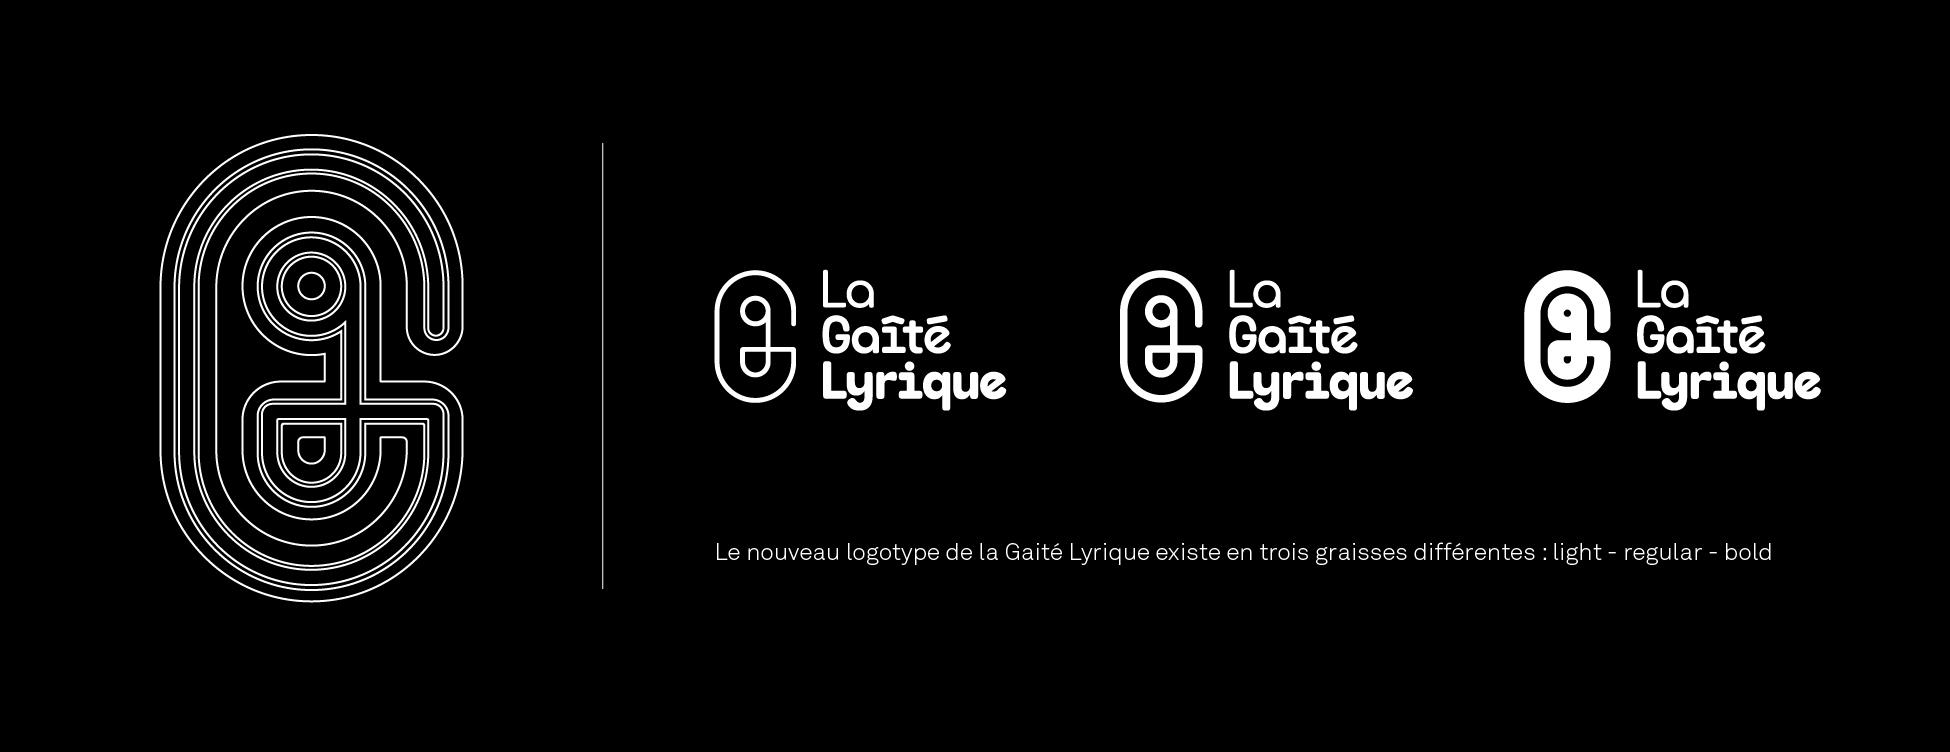 logos_3_graisses_gerobase